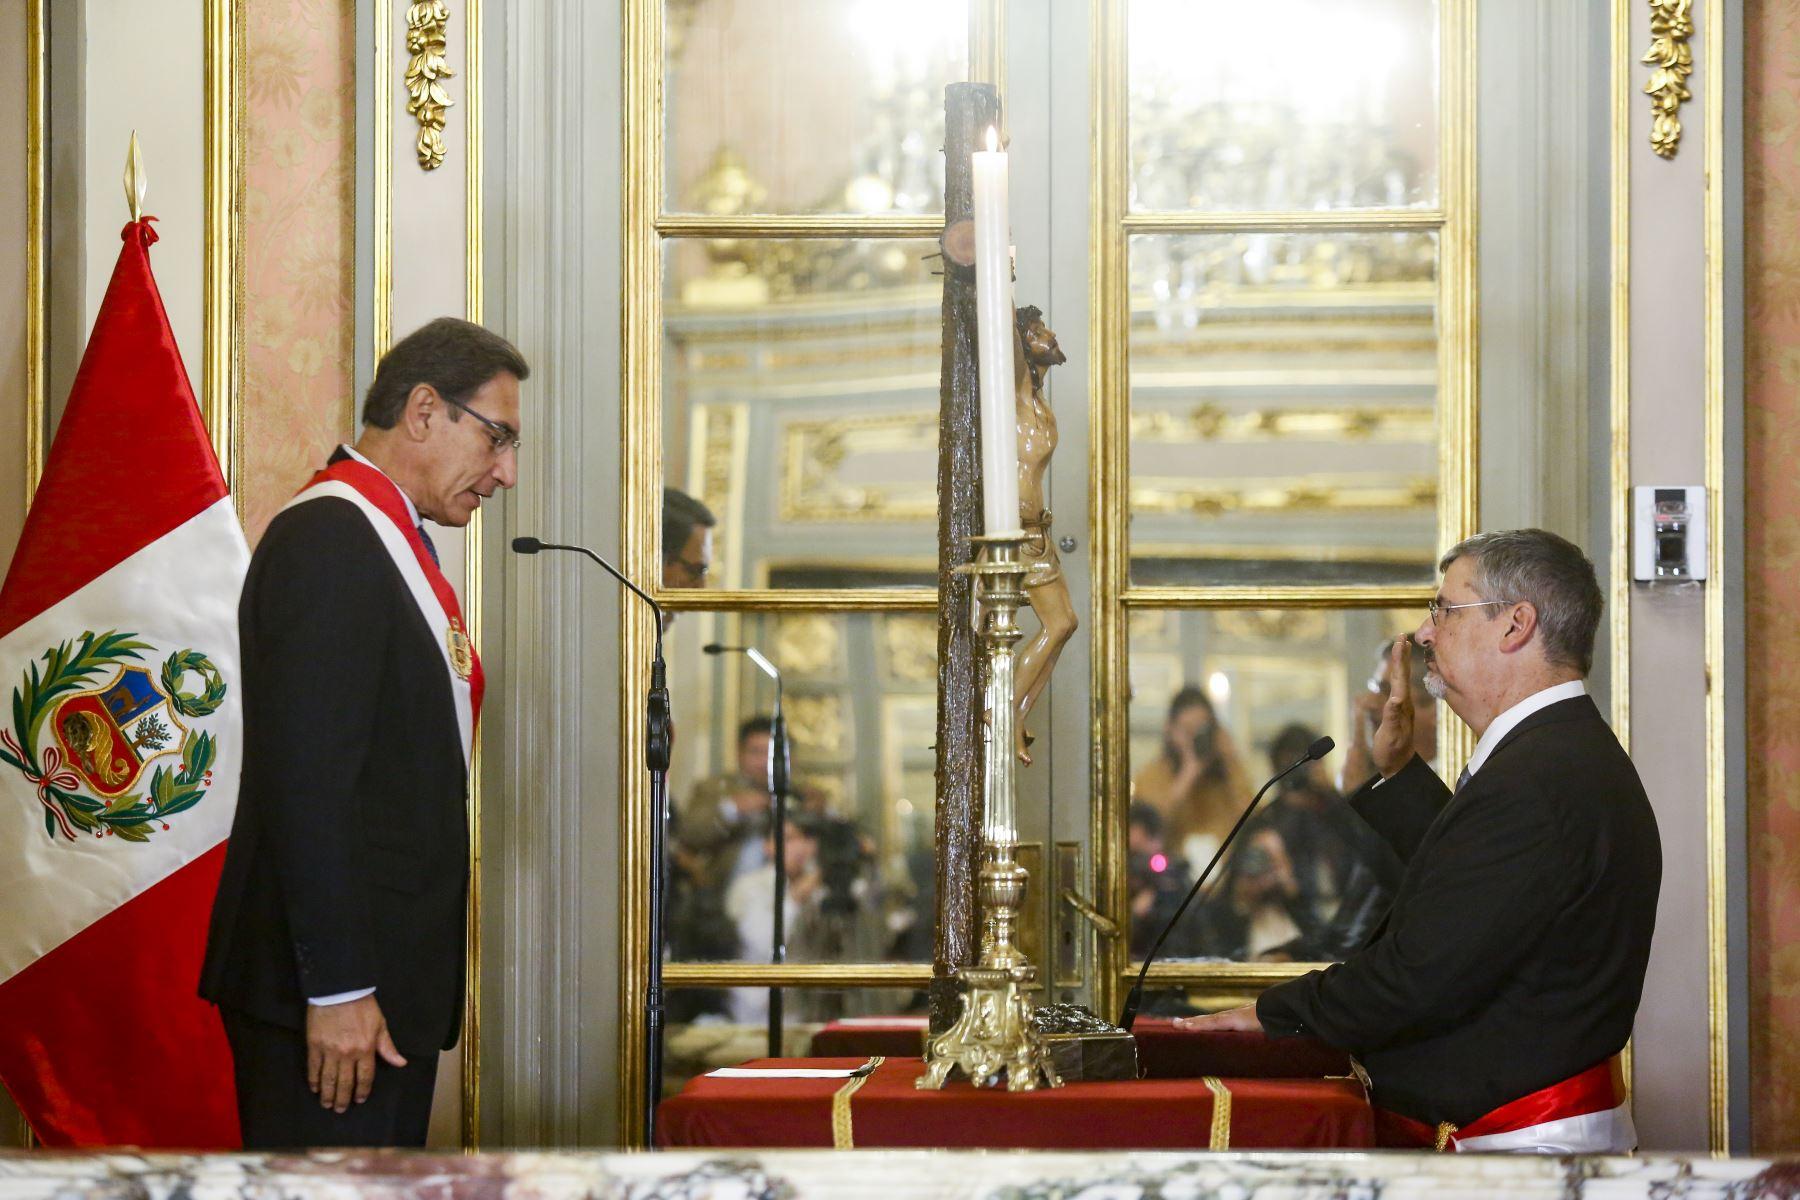 El presidente Martín Vizcarra tomó hoy juramento al arqueólogo Luis Castillo Butters como titular de la cartera de Cultura.Foto: ANDINA/Prensa Presidencia